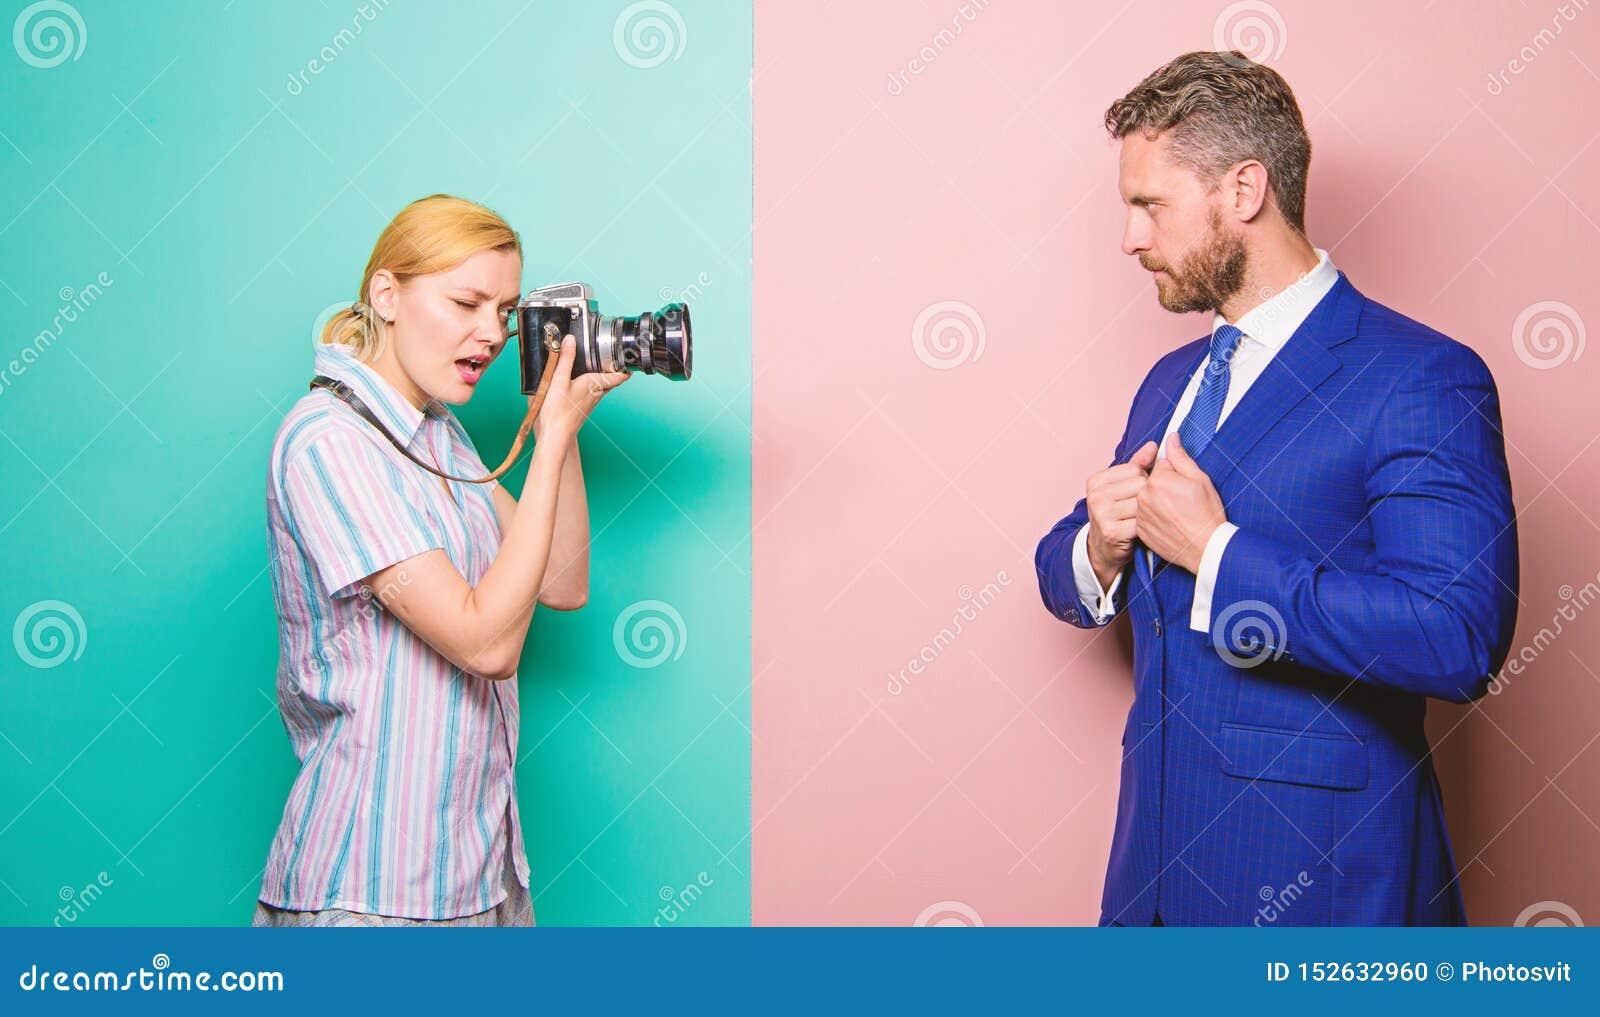 Gesch?ftsmann genie?en Sternmoment Paparazzikonzept Photosession f?r Handelszeitung H?bscher Gesch?ftsmann, der Kamera aufwirft